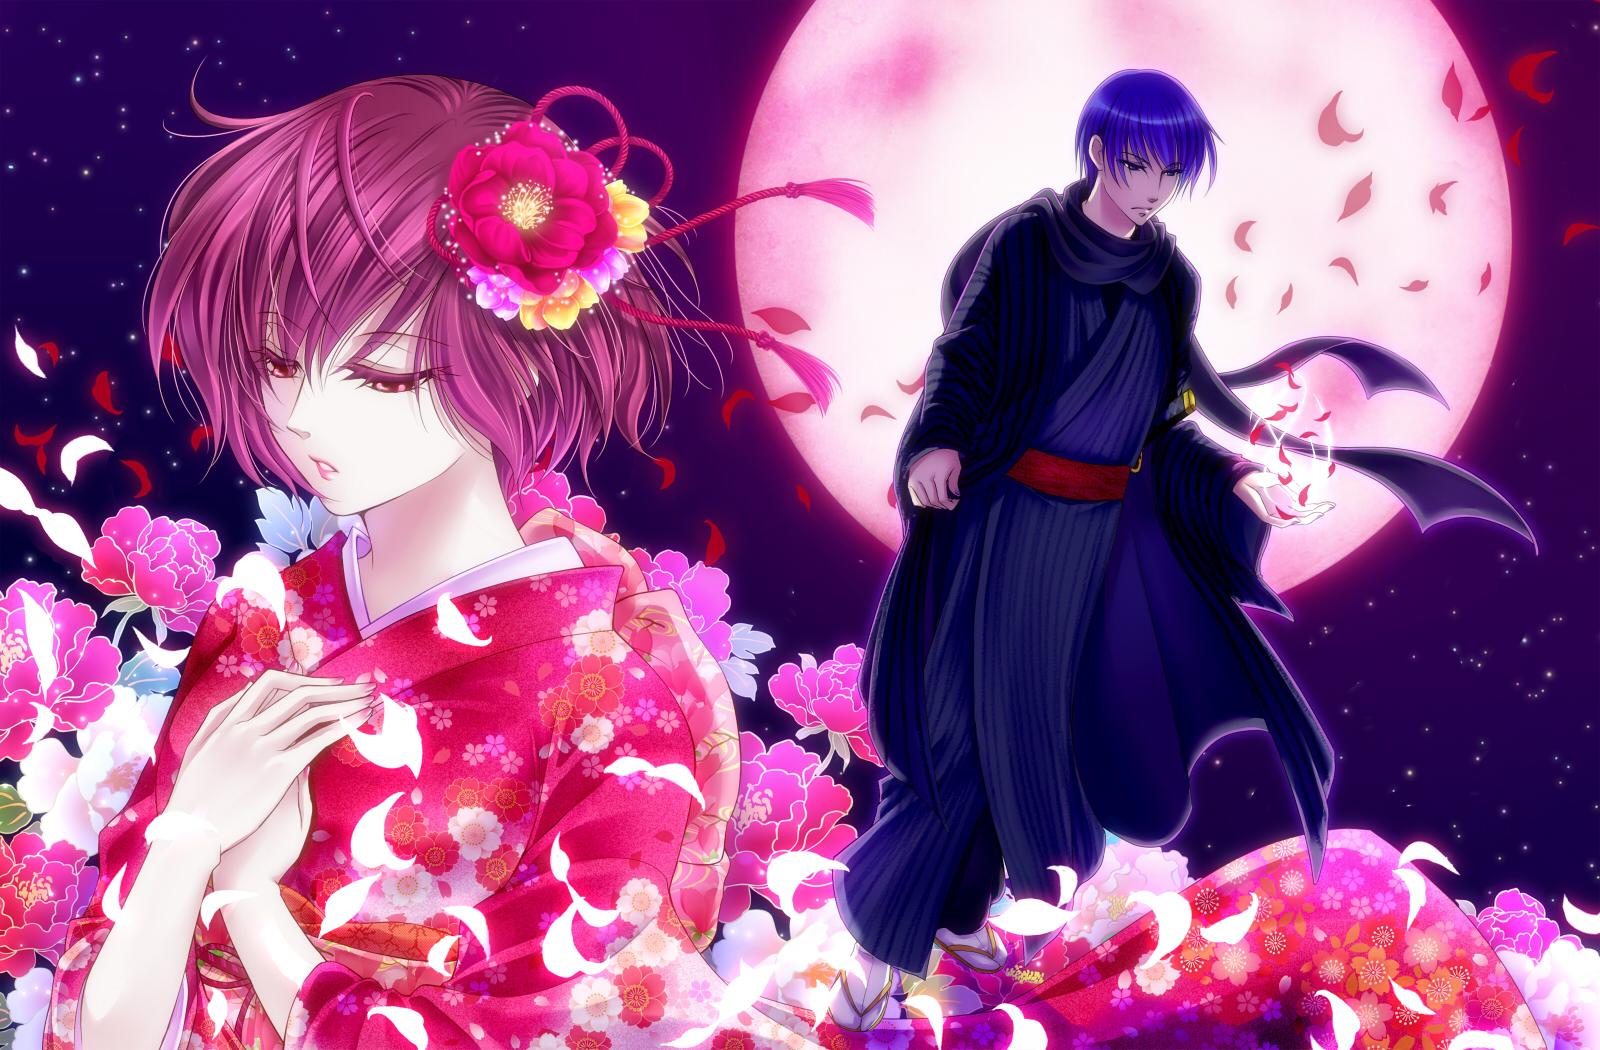 flowers japanese_clothes kaito kimono male meiko moon night vocaloid